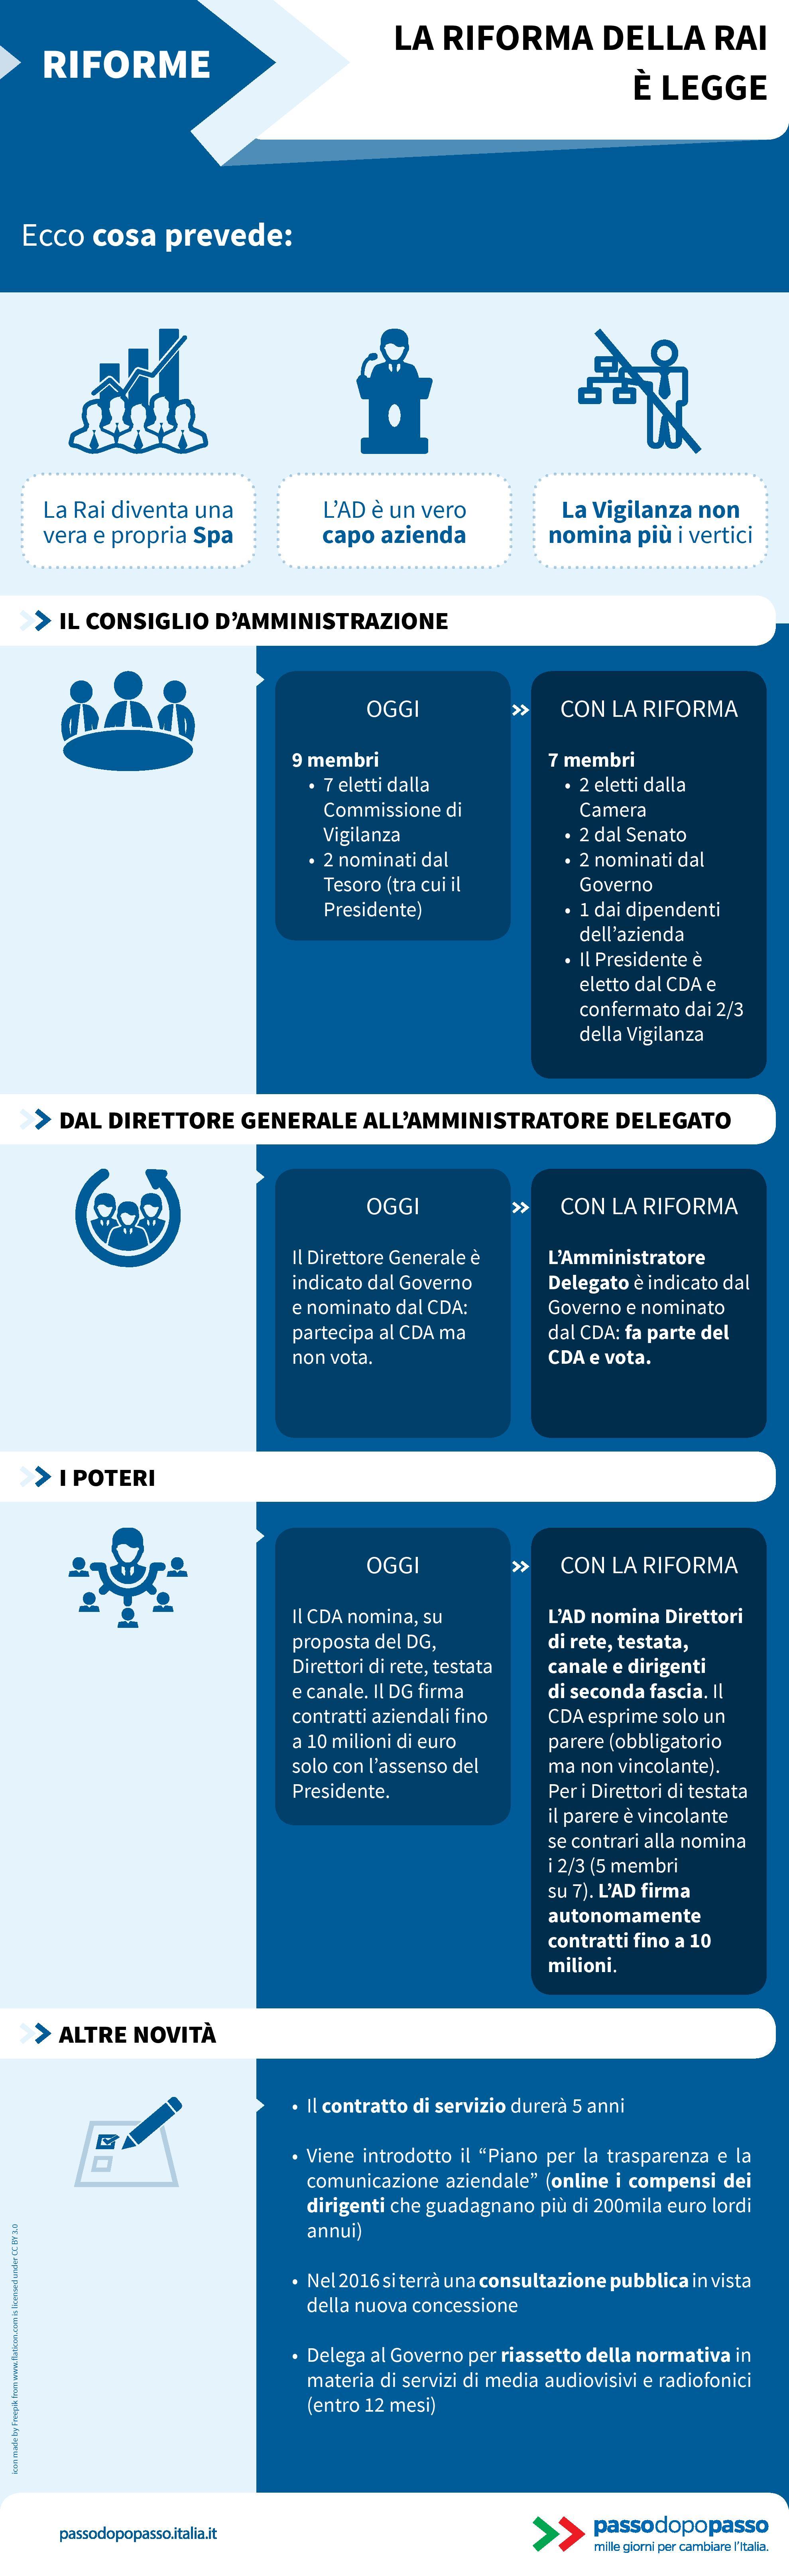 Infografica: La riforma della RAI è legge